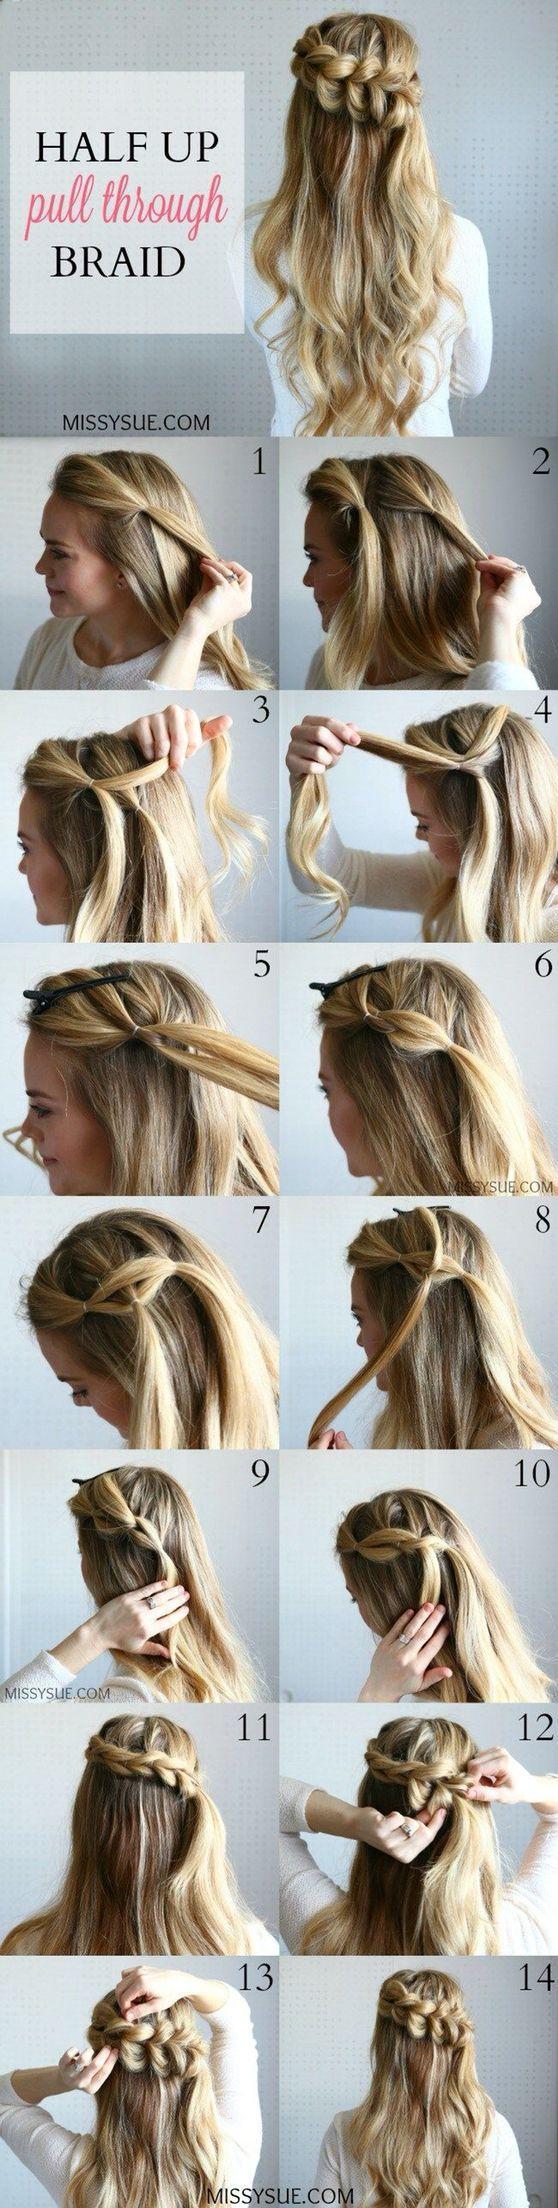 Hair Tutorials : Pull through braid #hairtutorials